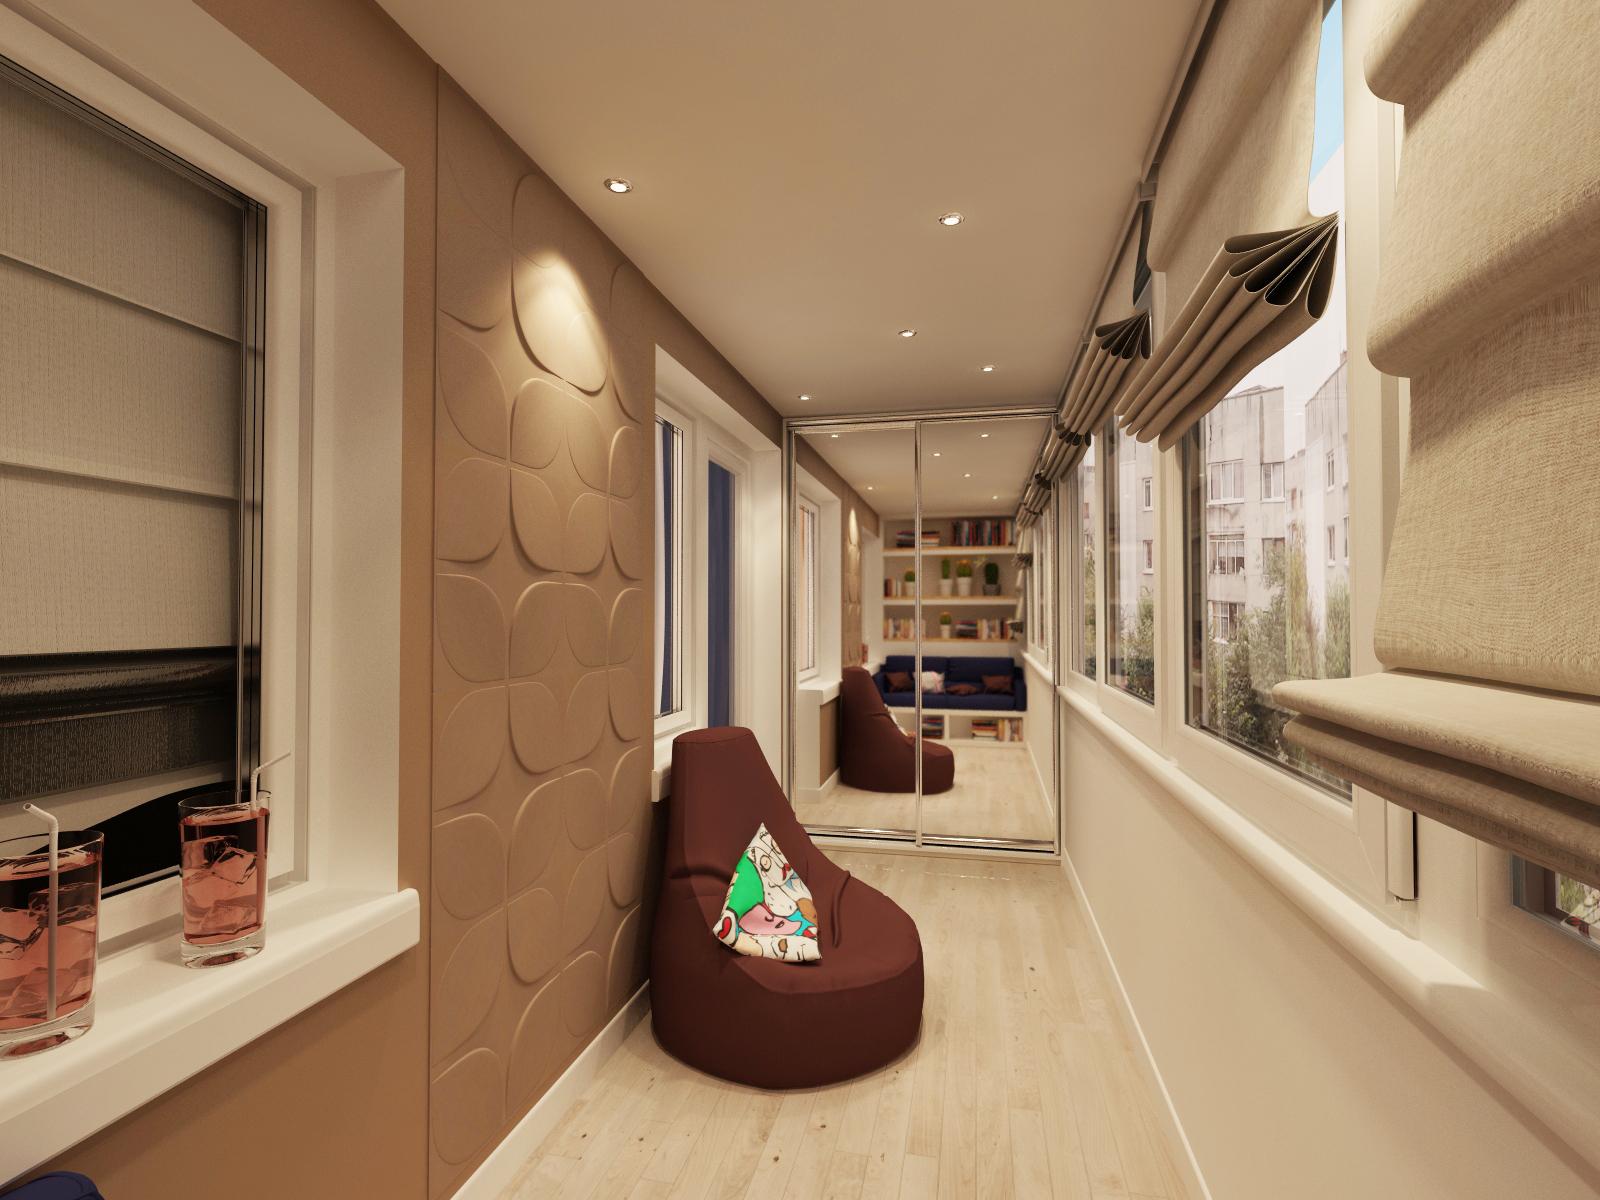 Дизайн лоджии - 75 фото идей оформления интерьера лоджии.